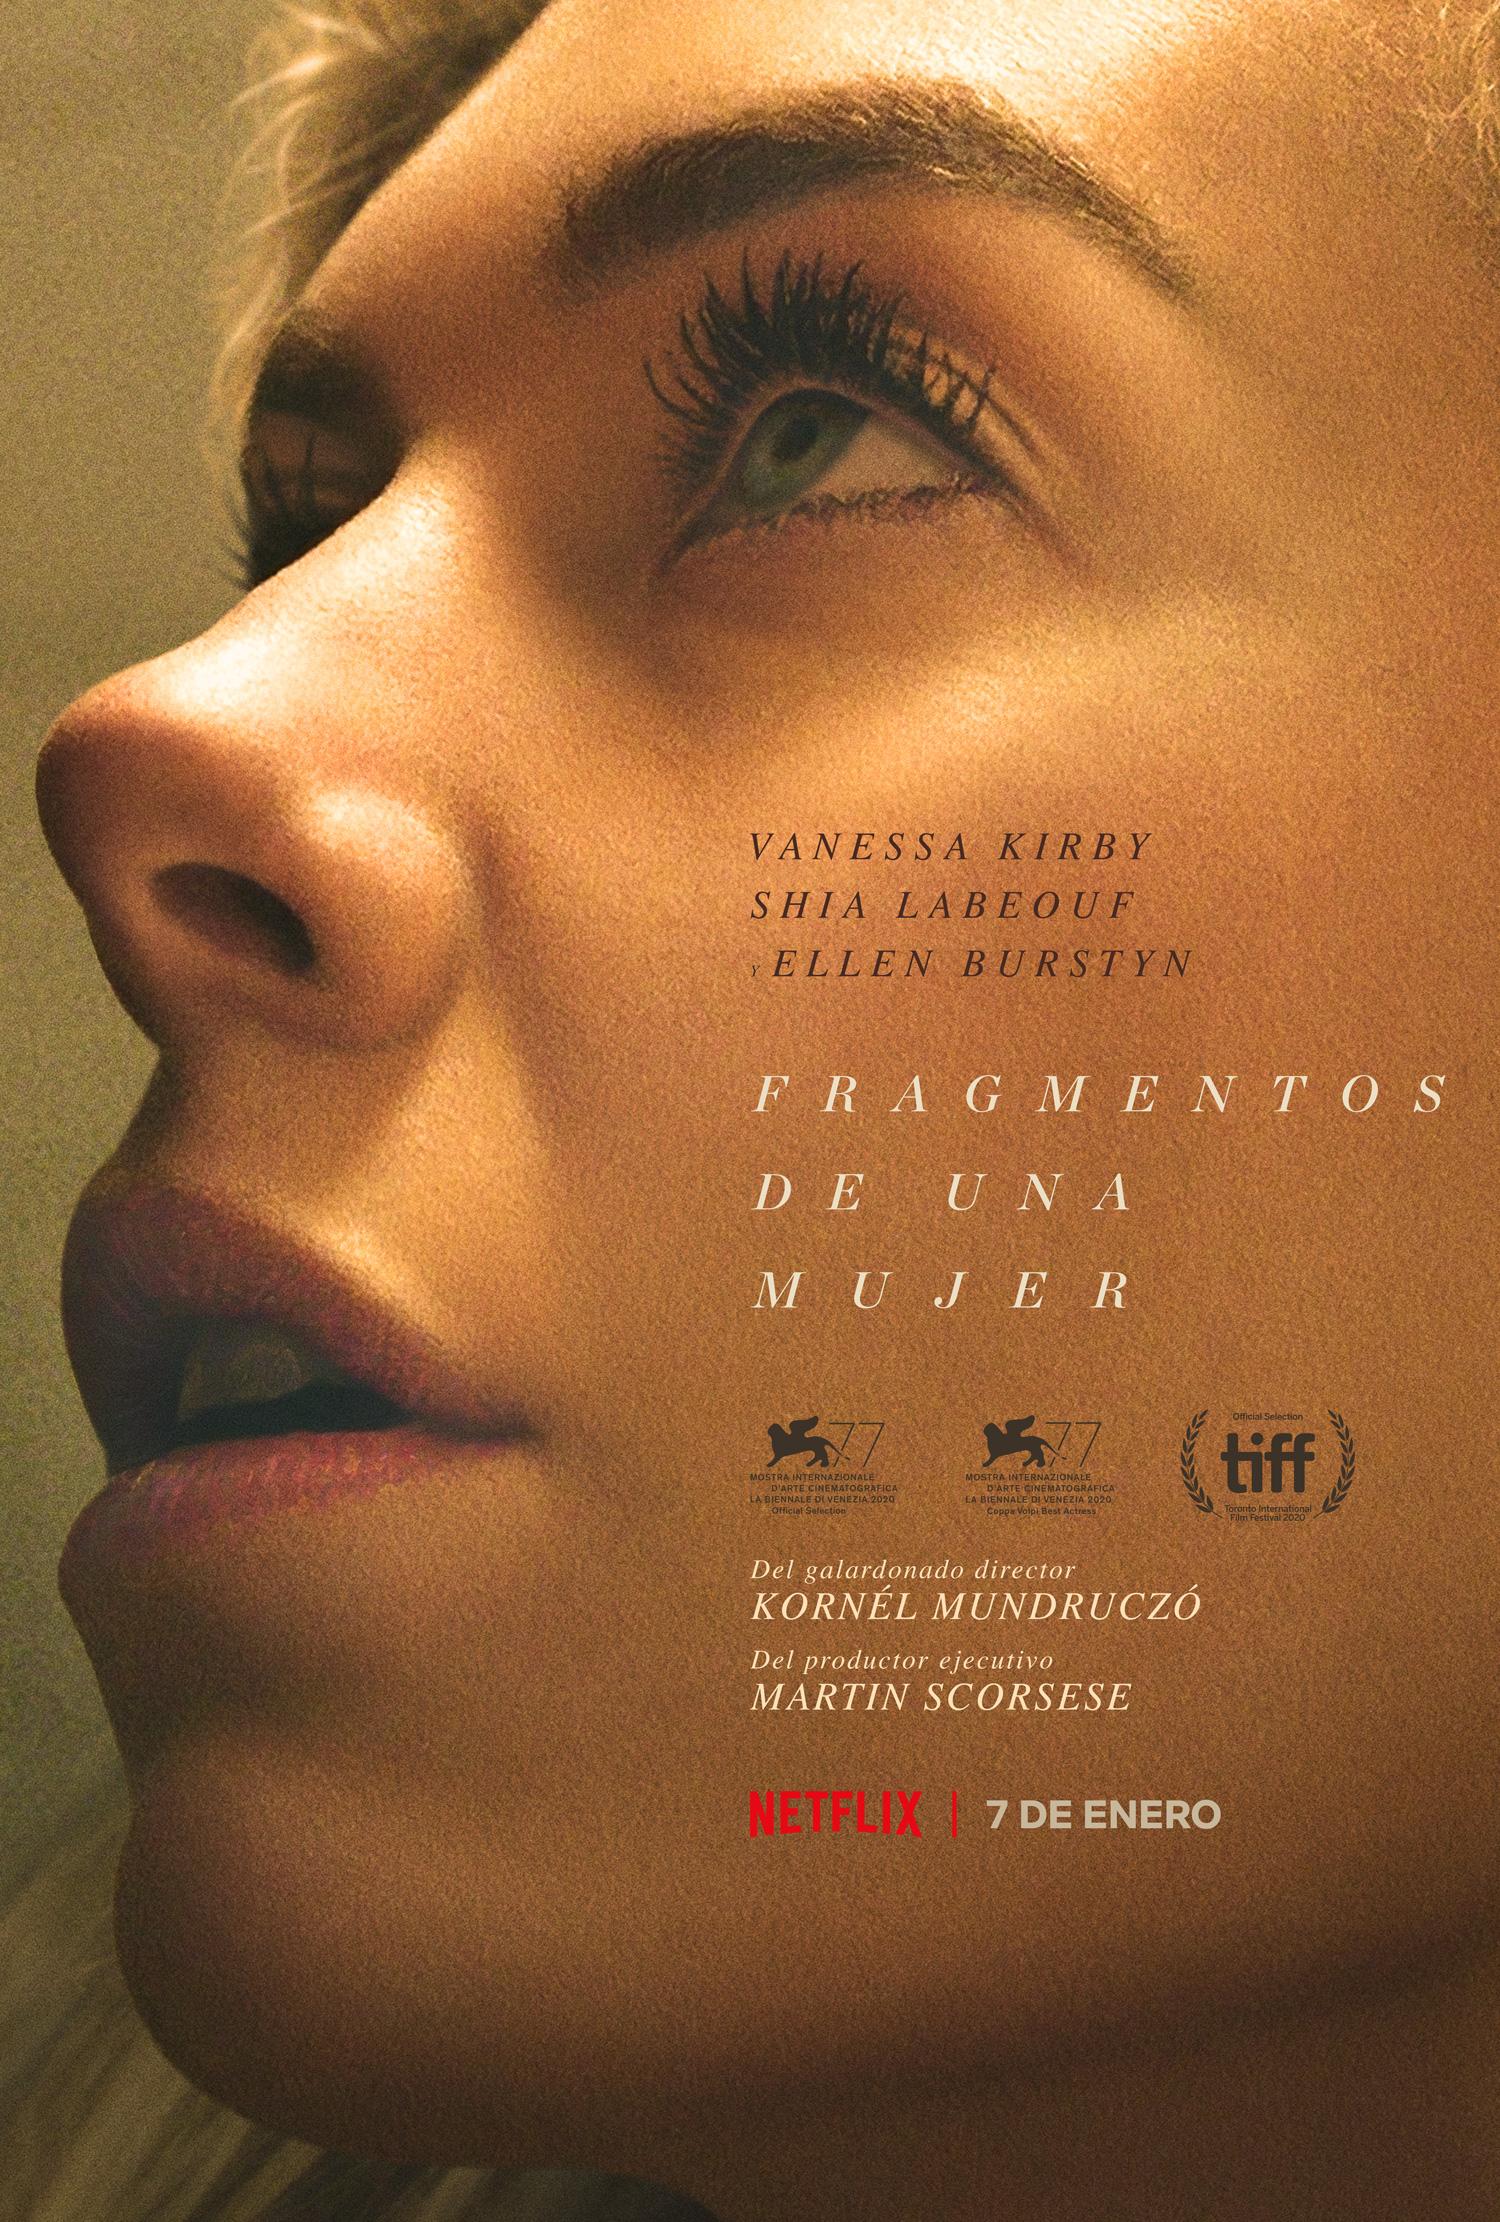 Fragmentos de una mujer: Avance del film protagonizado por Vanessa Kirby y Ellen Burstyn